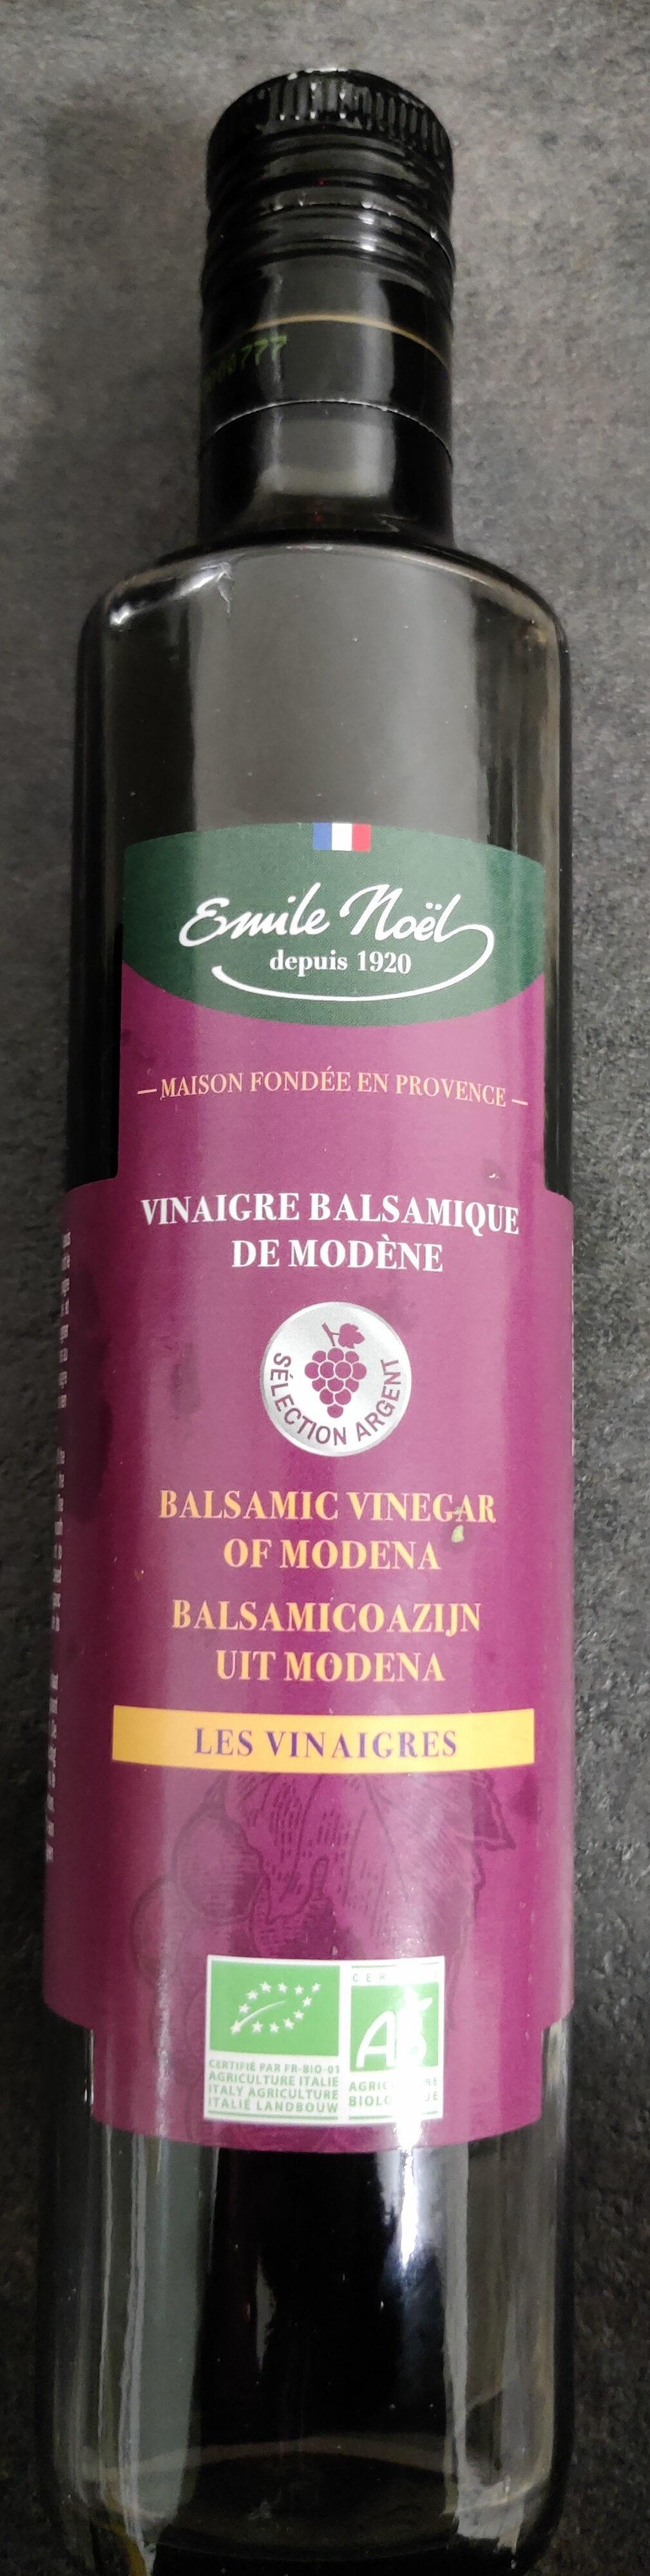 Balsamique De Modene - Ingrédients - fr